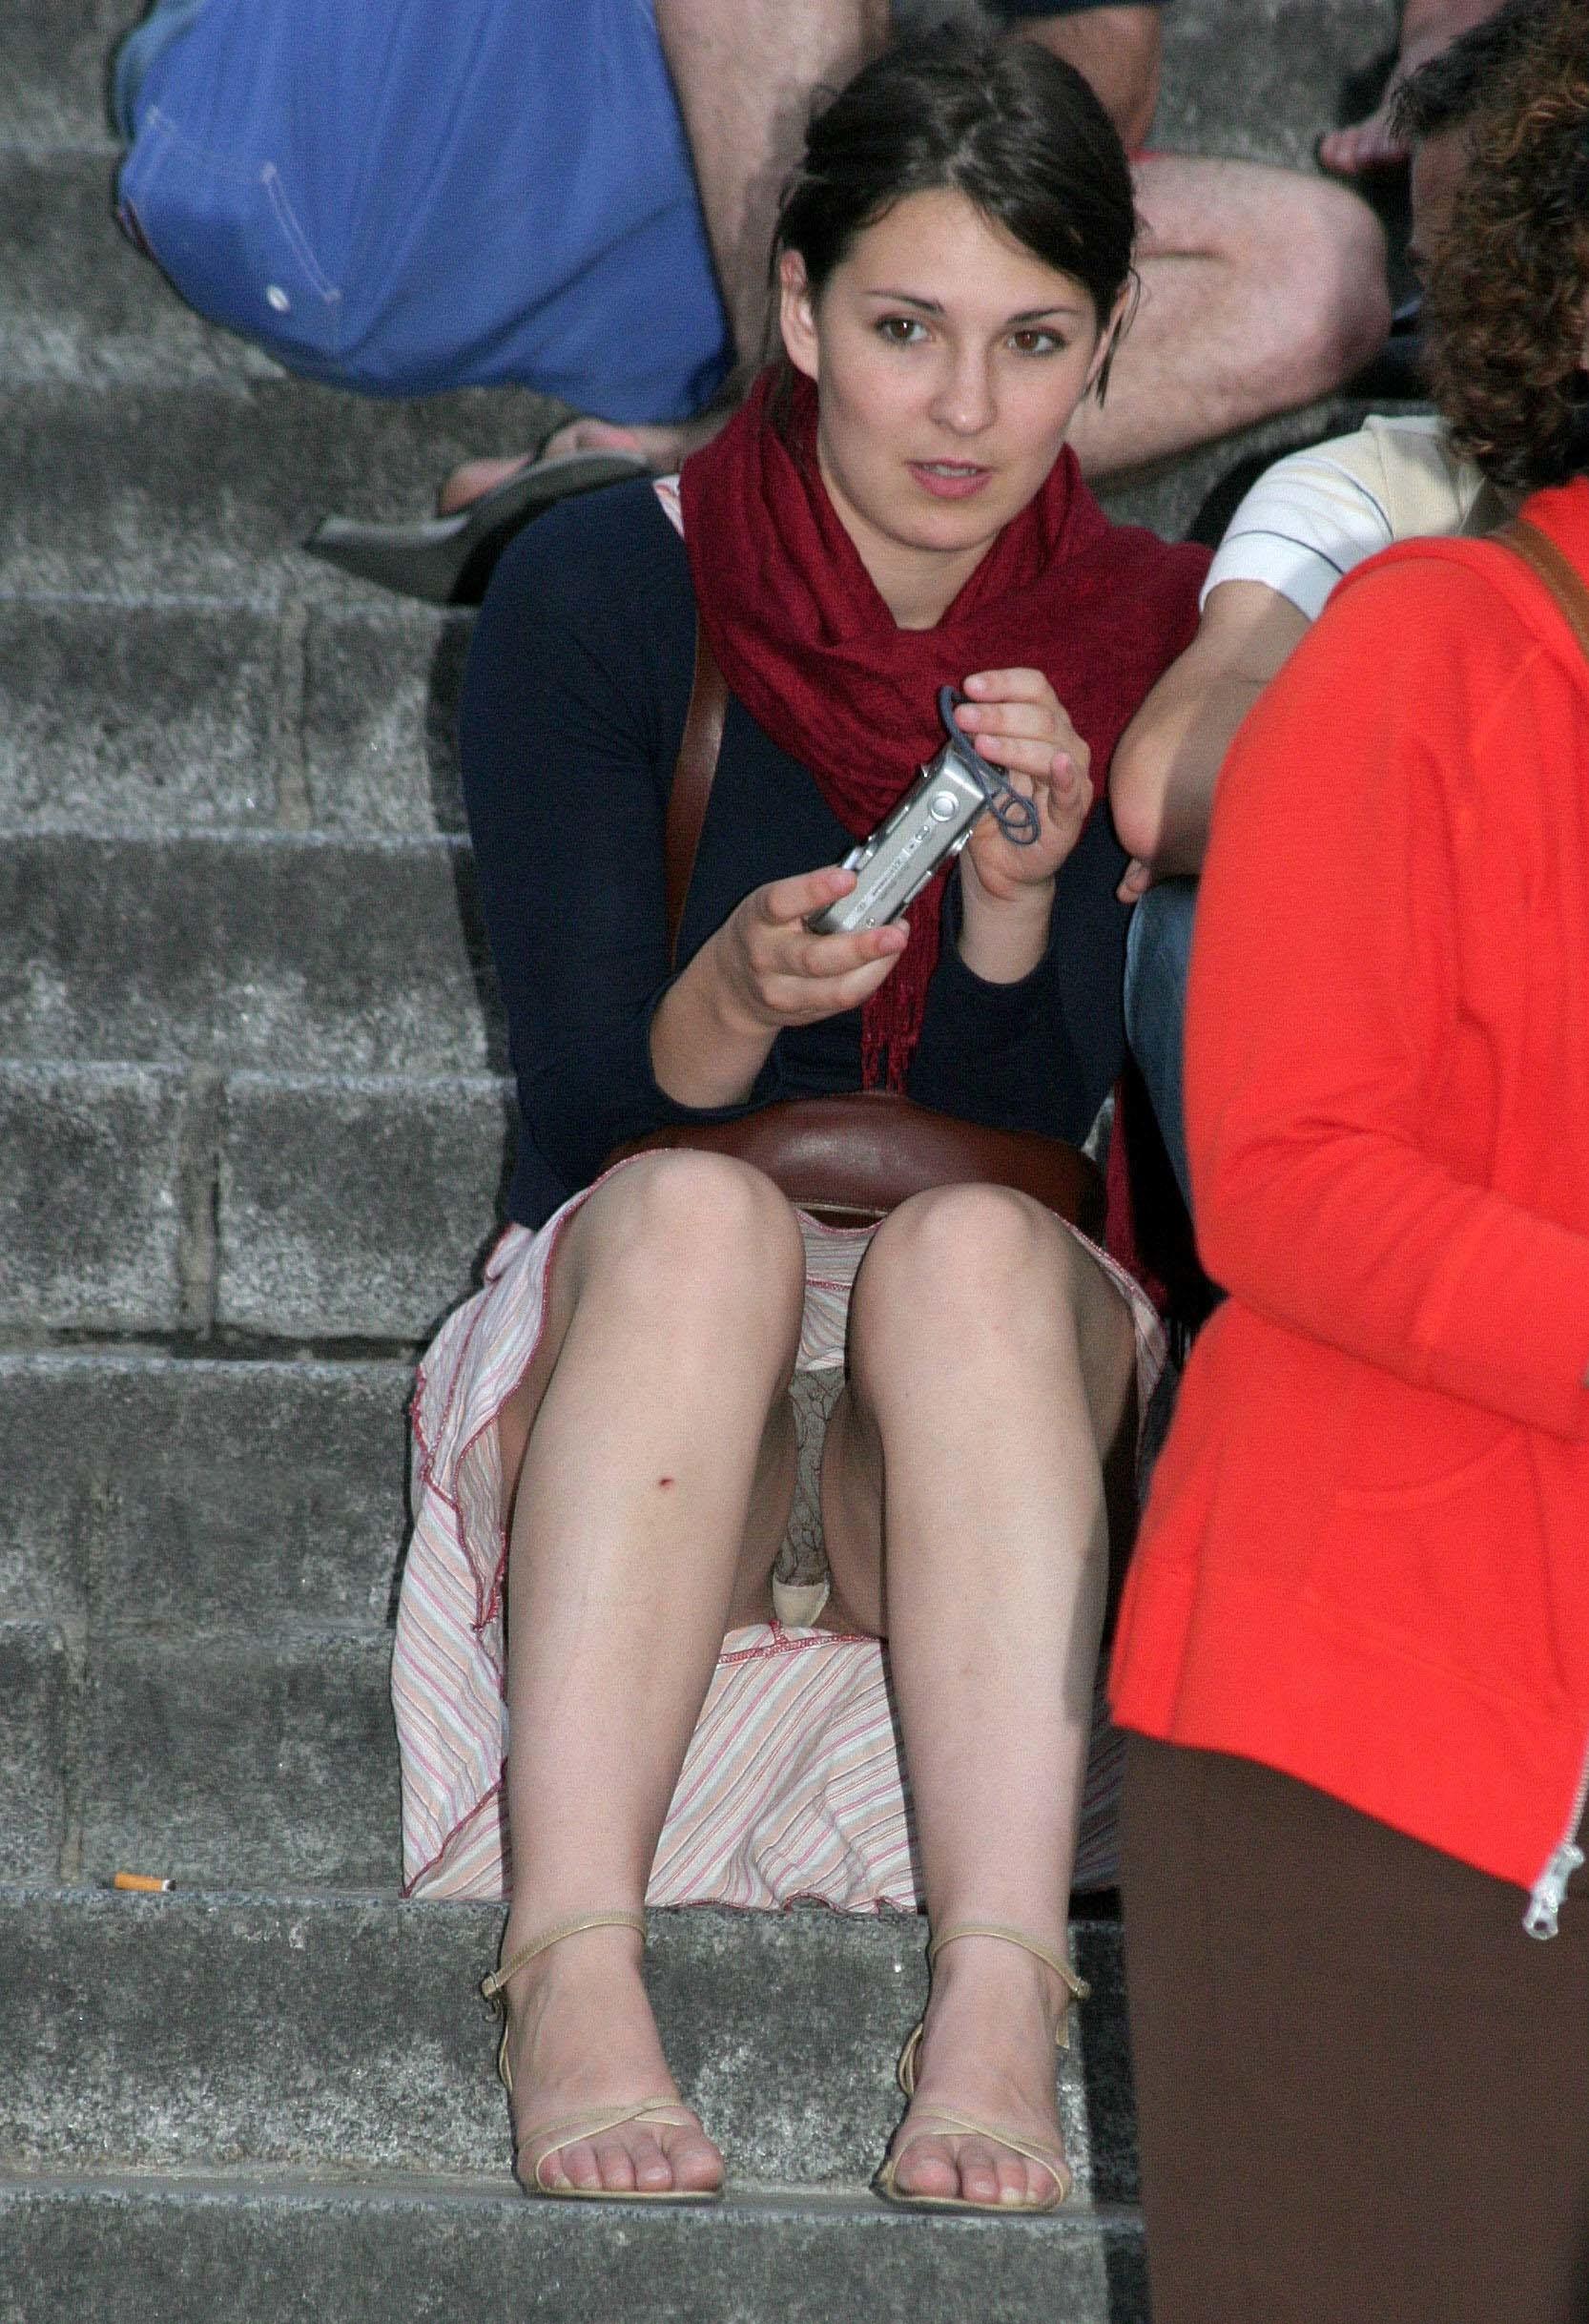 Брюнетка засветила трусики под юбкой сидя на лестнице